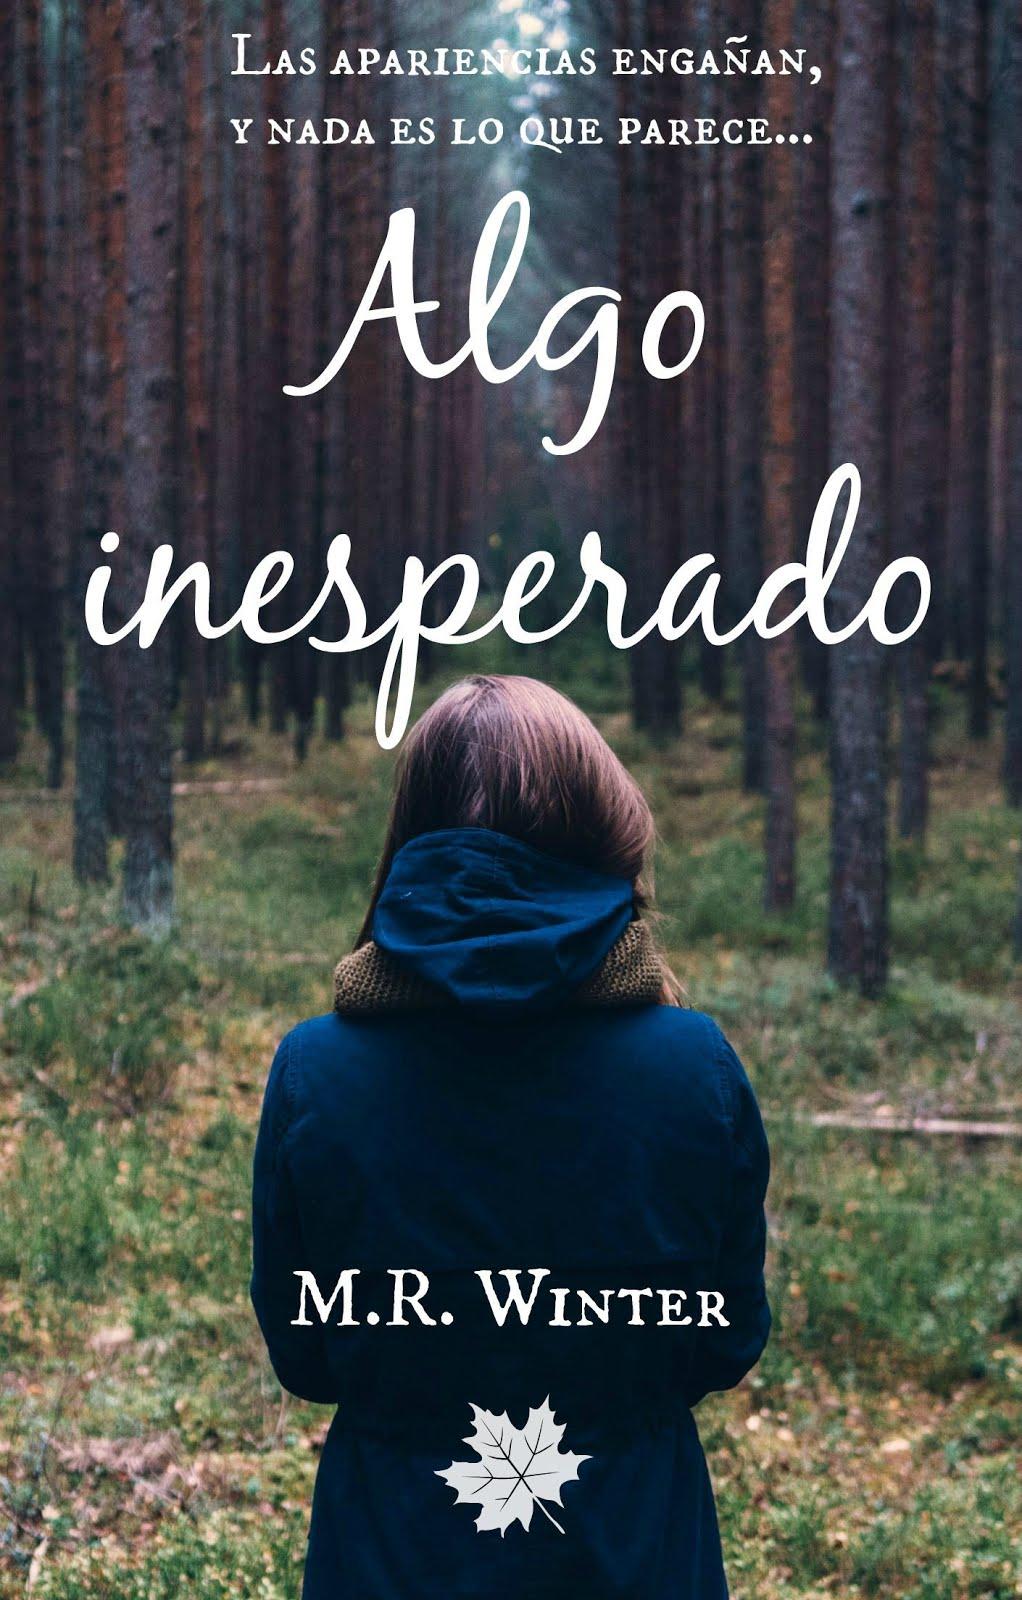 Esta es la portada del libro.